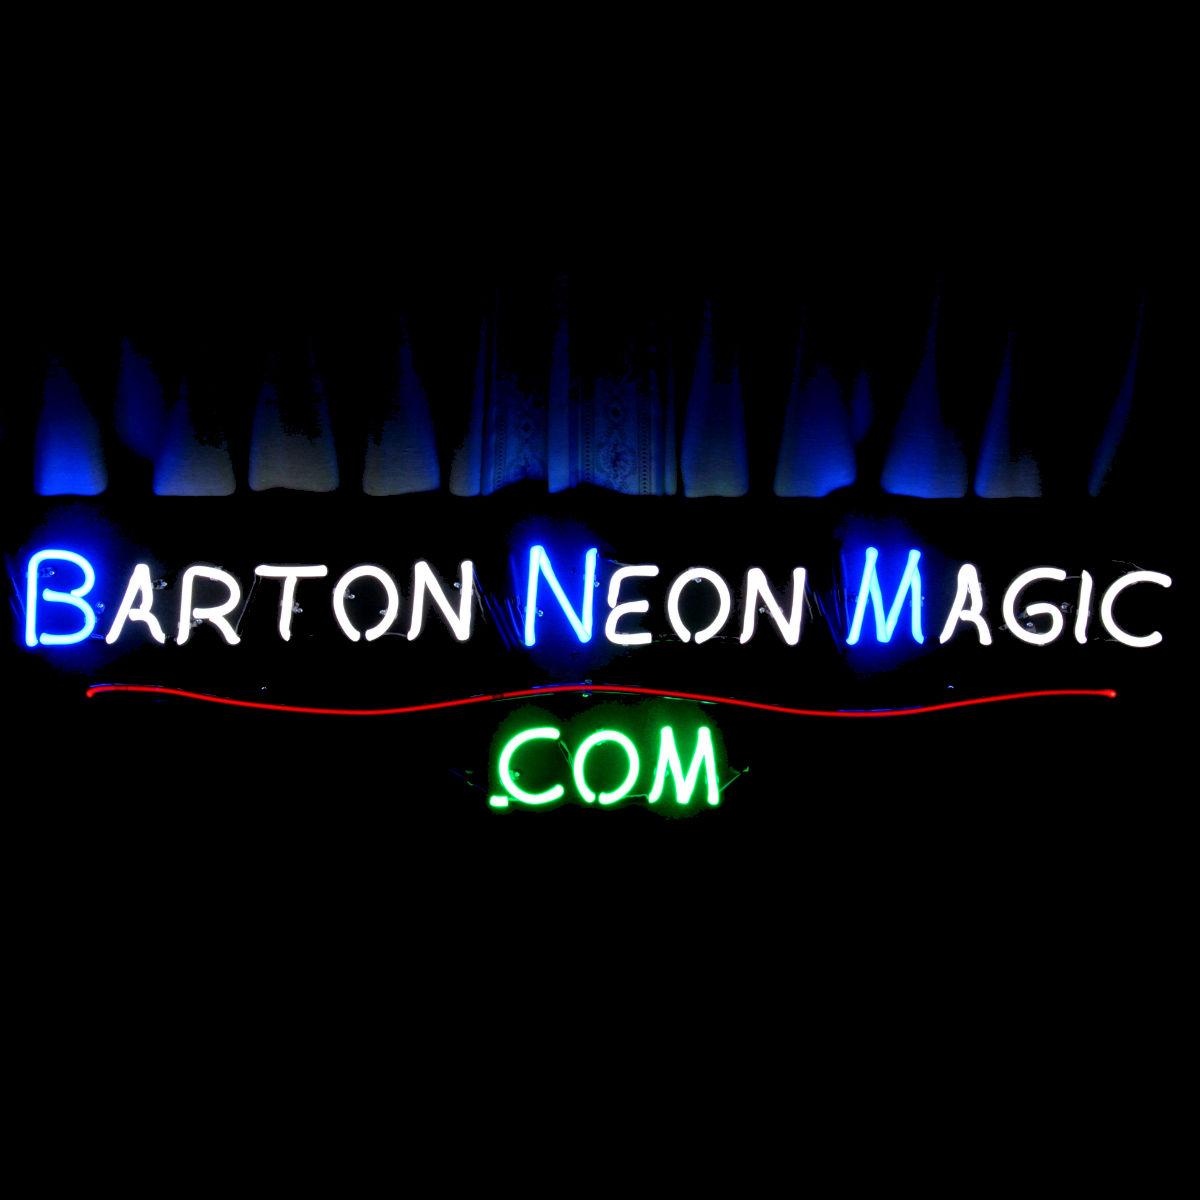 Studebaker and Packard Dealer Neon Signs by John Barton - former Studebaker Packard New Car Dealer - BartonNeonMagic.com